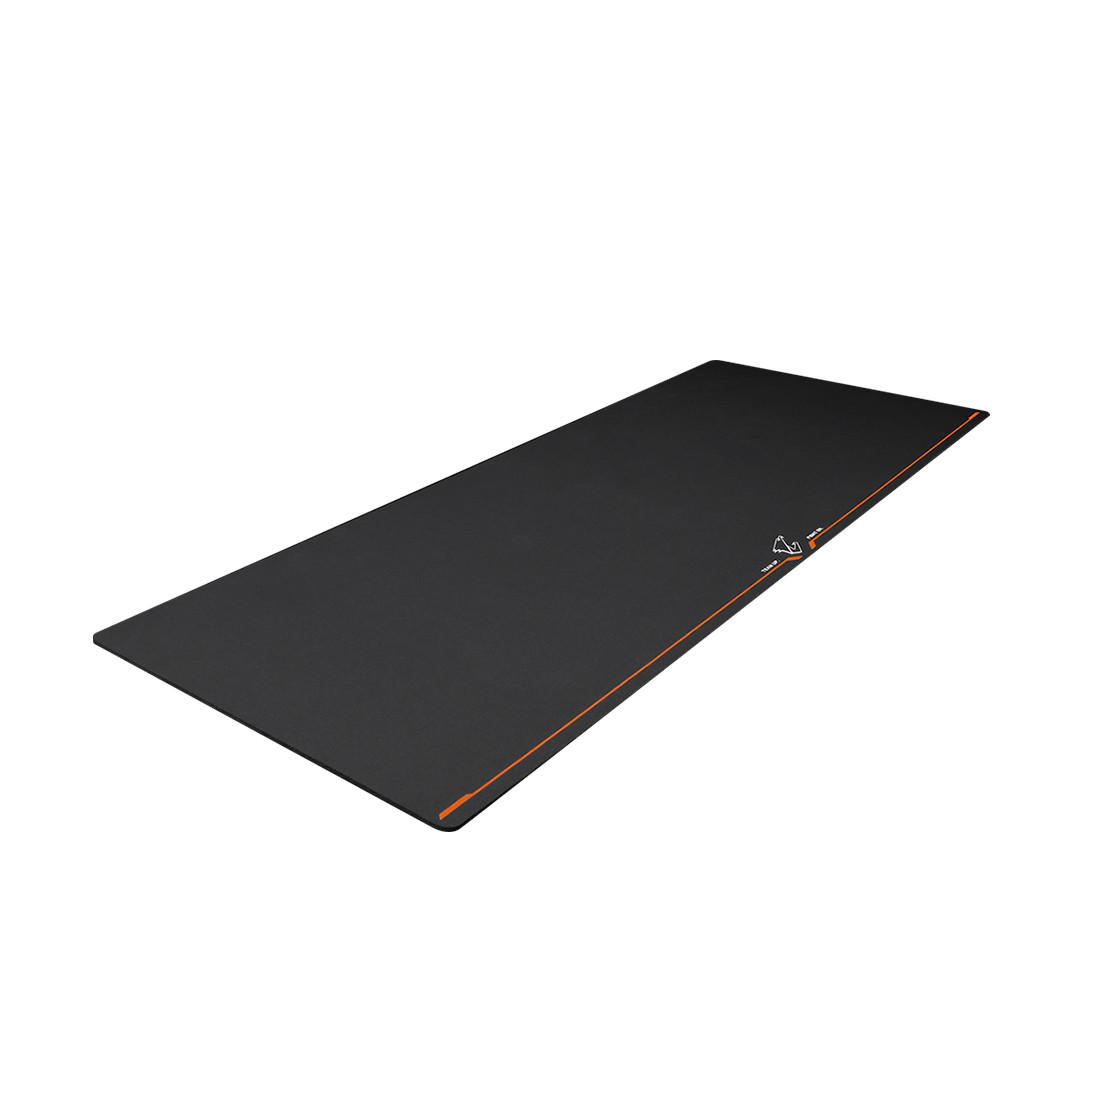 Коврик для компьютерной мыши, Gigabyte, GP-AMP900 Large, 430*370*1,8мм, Тканевый гибкий, Гладкая поверхность,